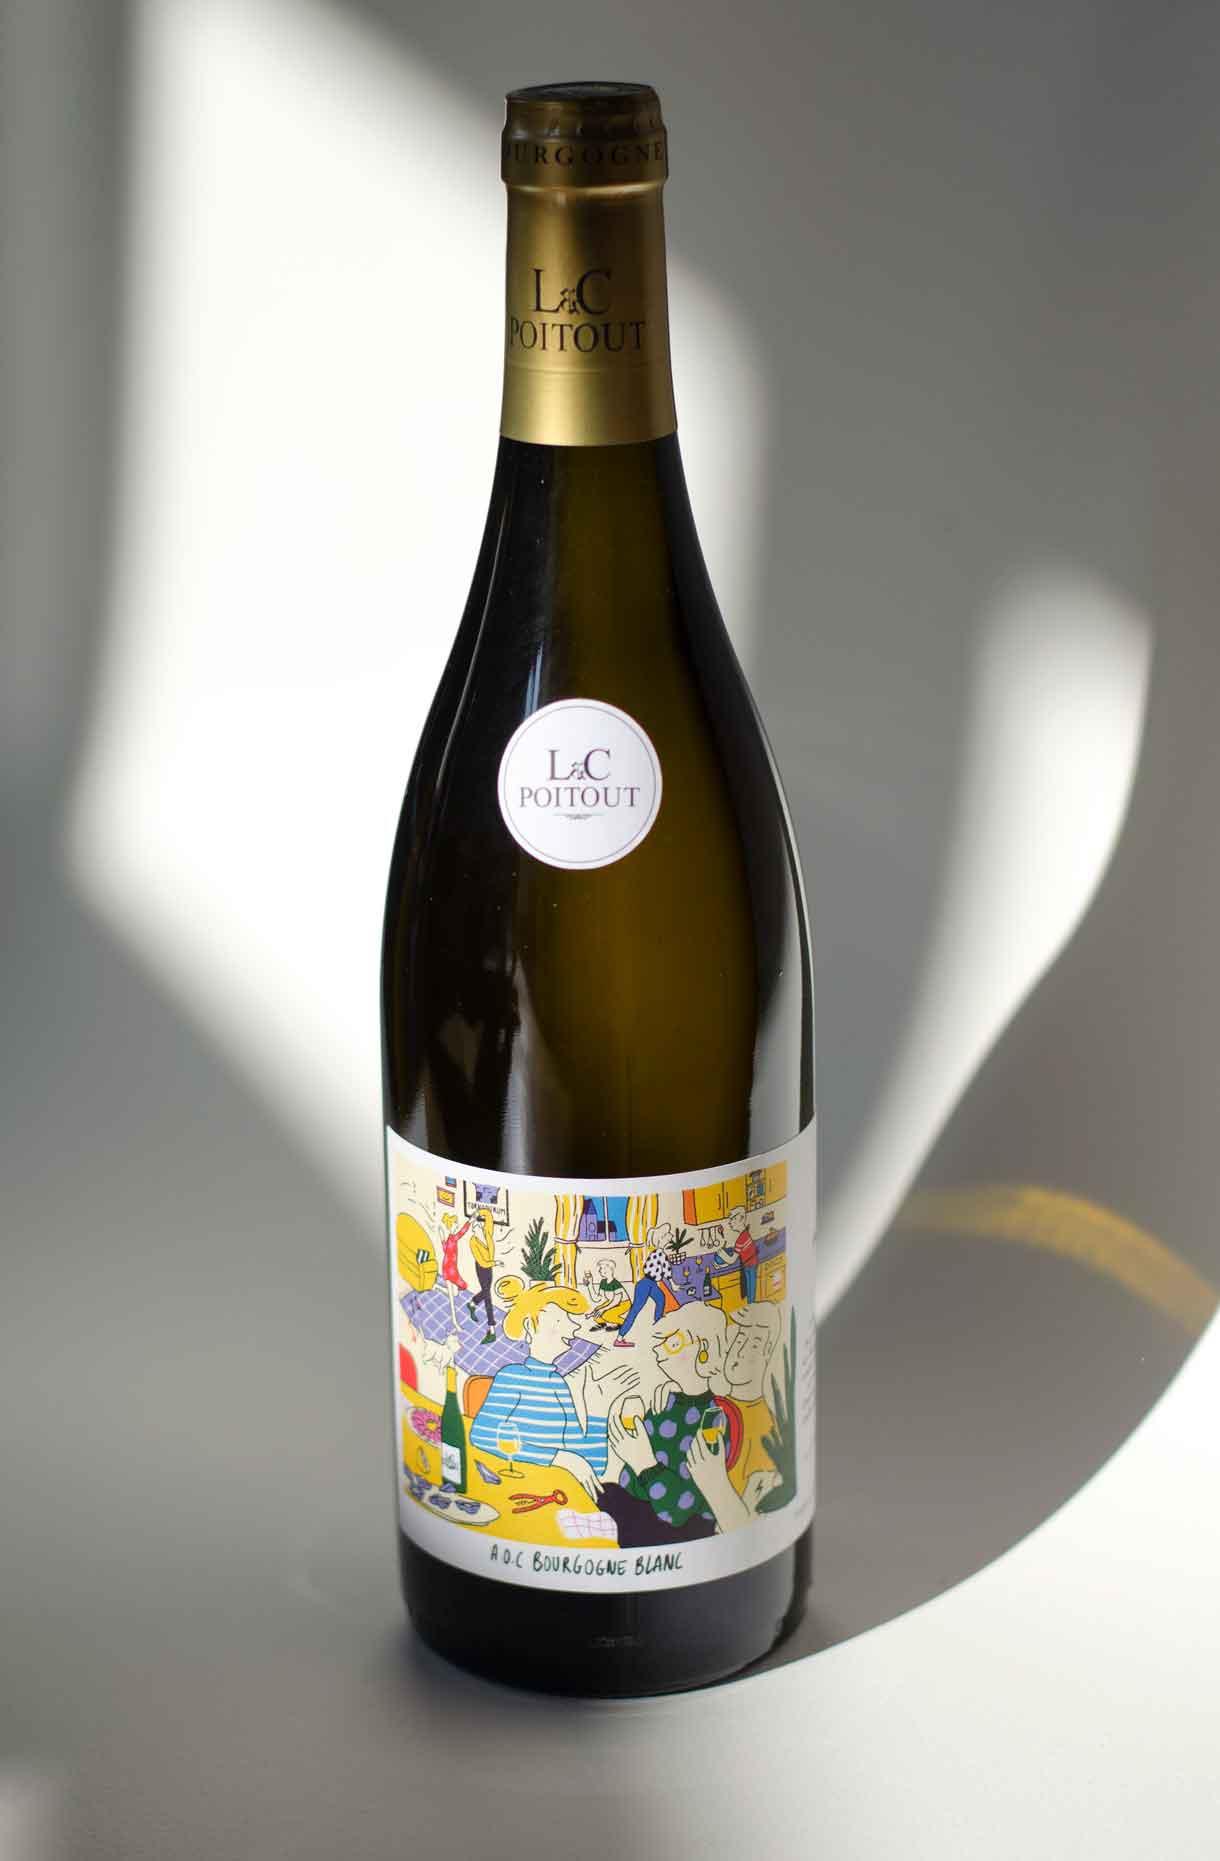 Bouteille Vin de Chablis blanc 05 - Tonnerre par L&C Poitout - Réalisation Agence Discovery